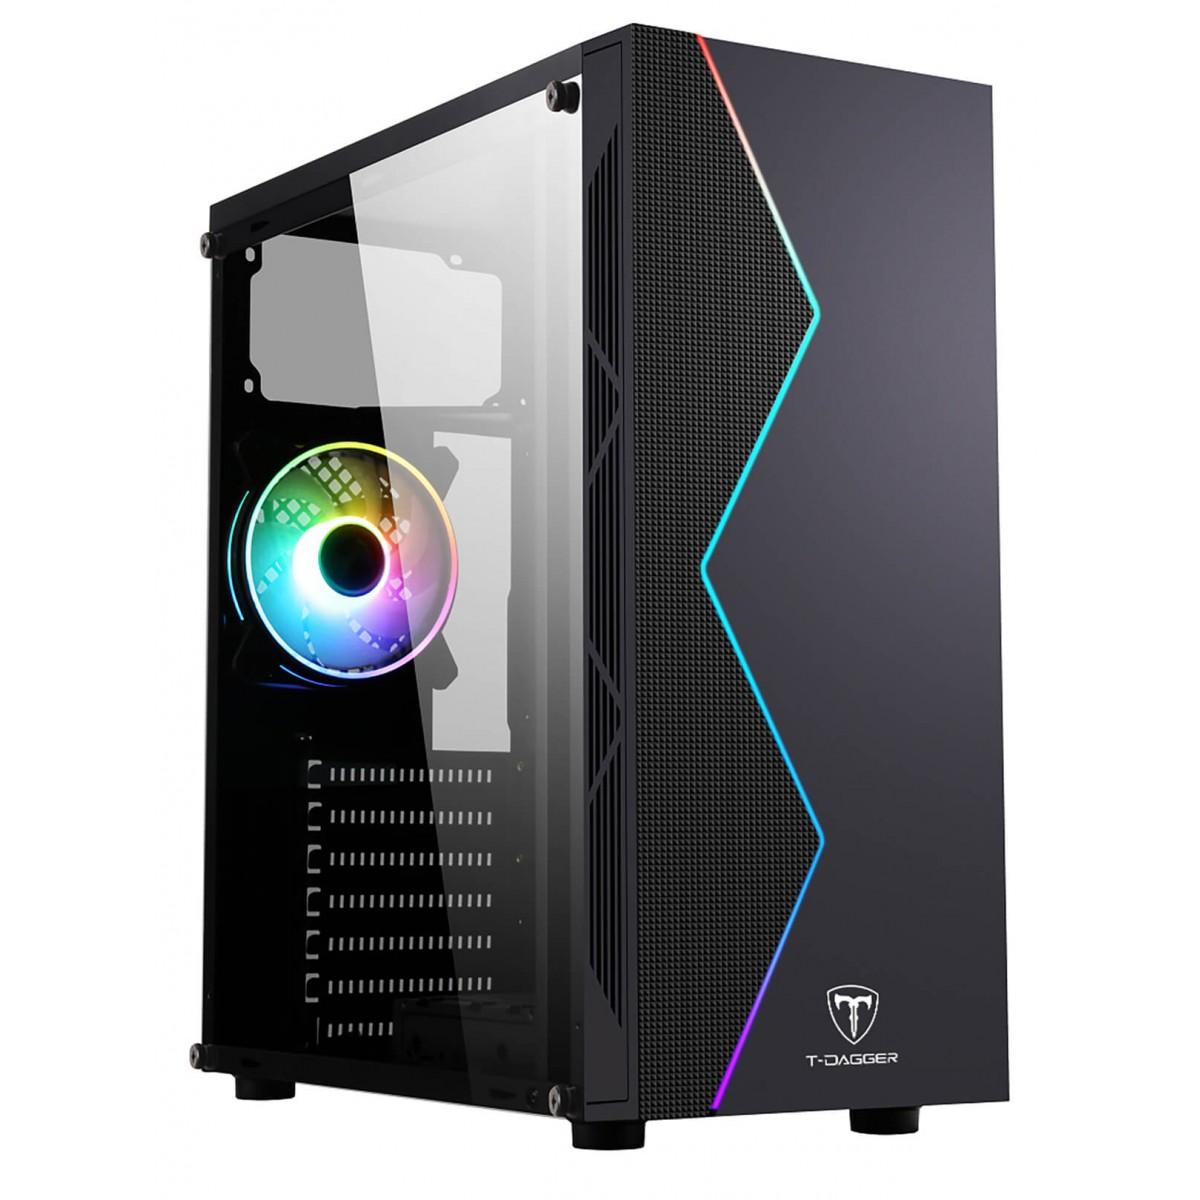 Computador Gamer, Intel 10º geração Core i3-10100F, Placa de Vídeo GTX-1050TI 4GB, 8GB DDR4, SSD 240GB